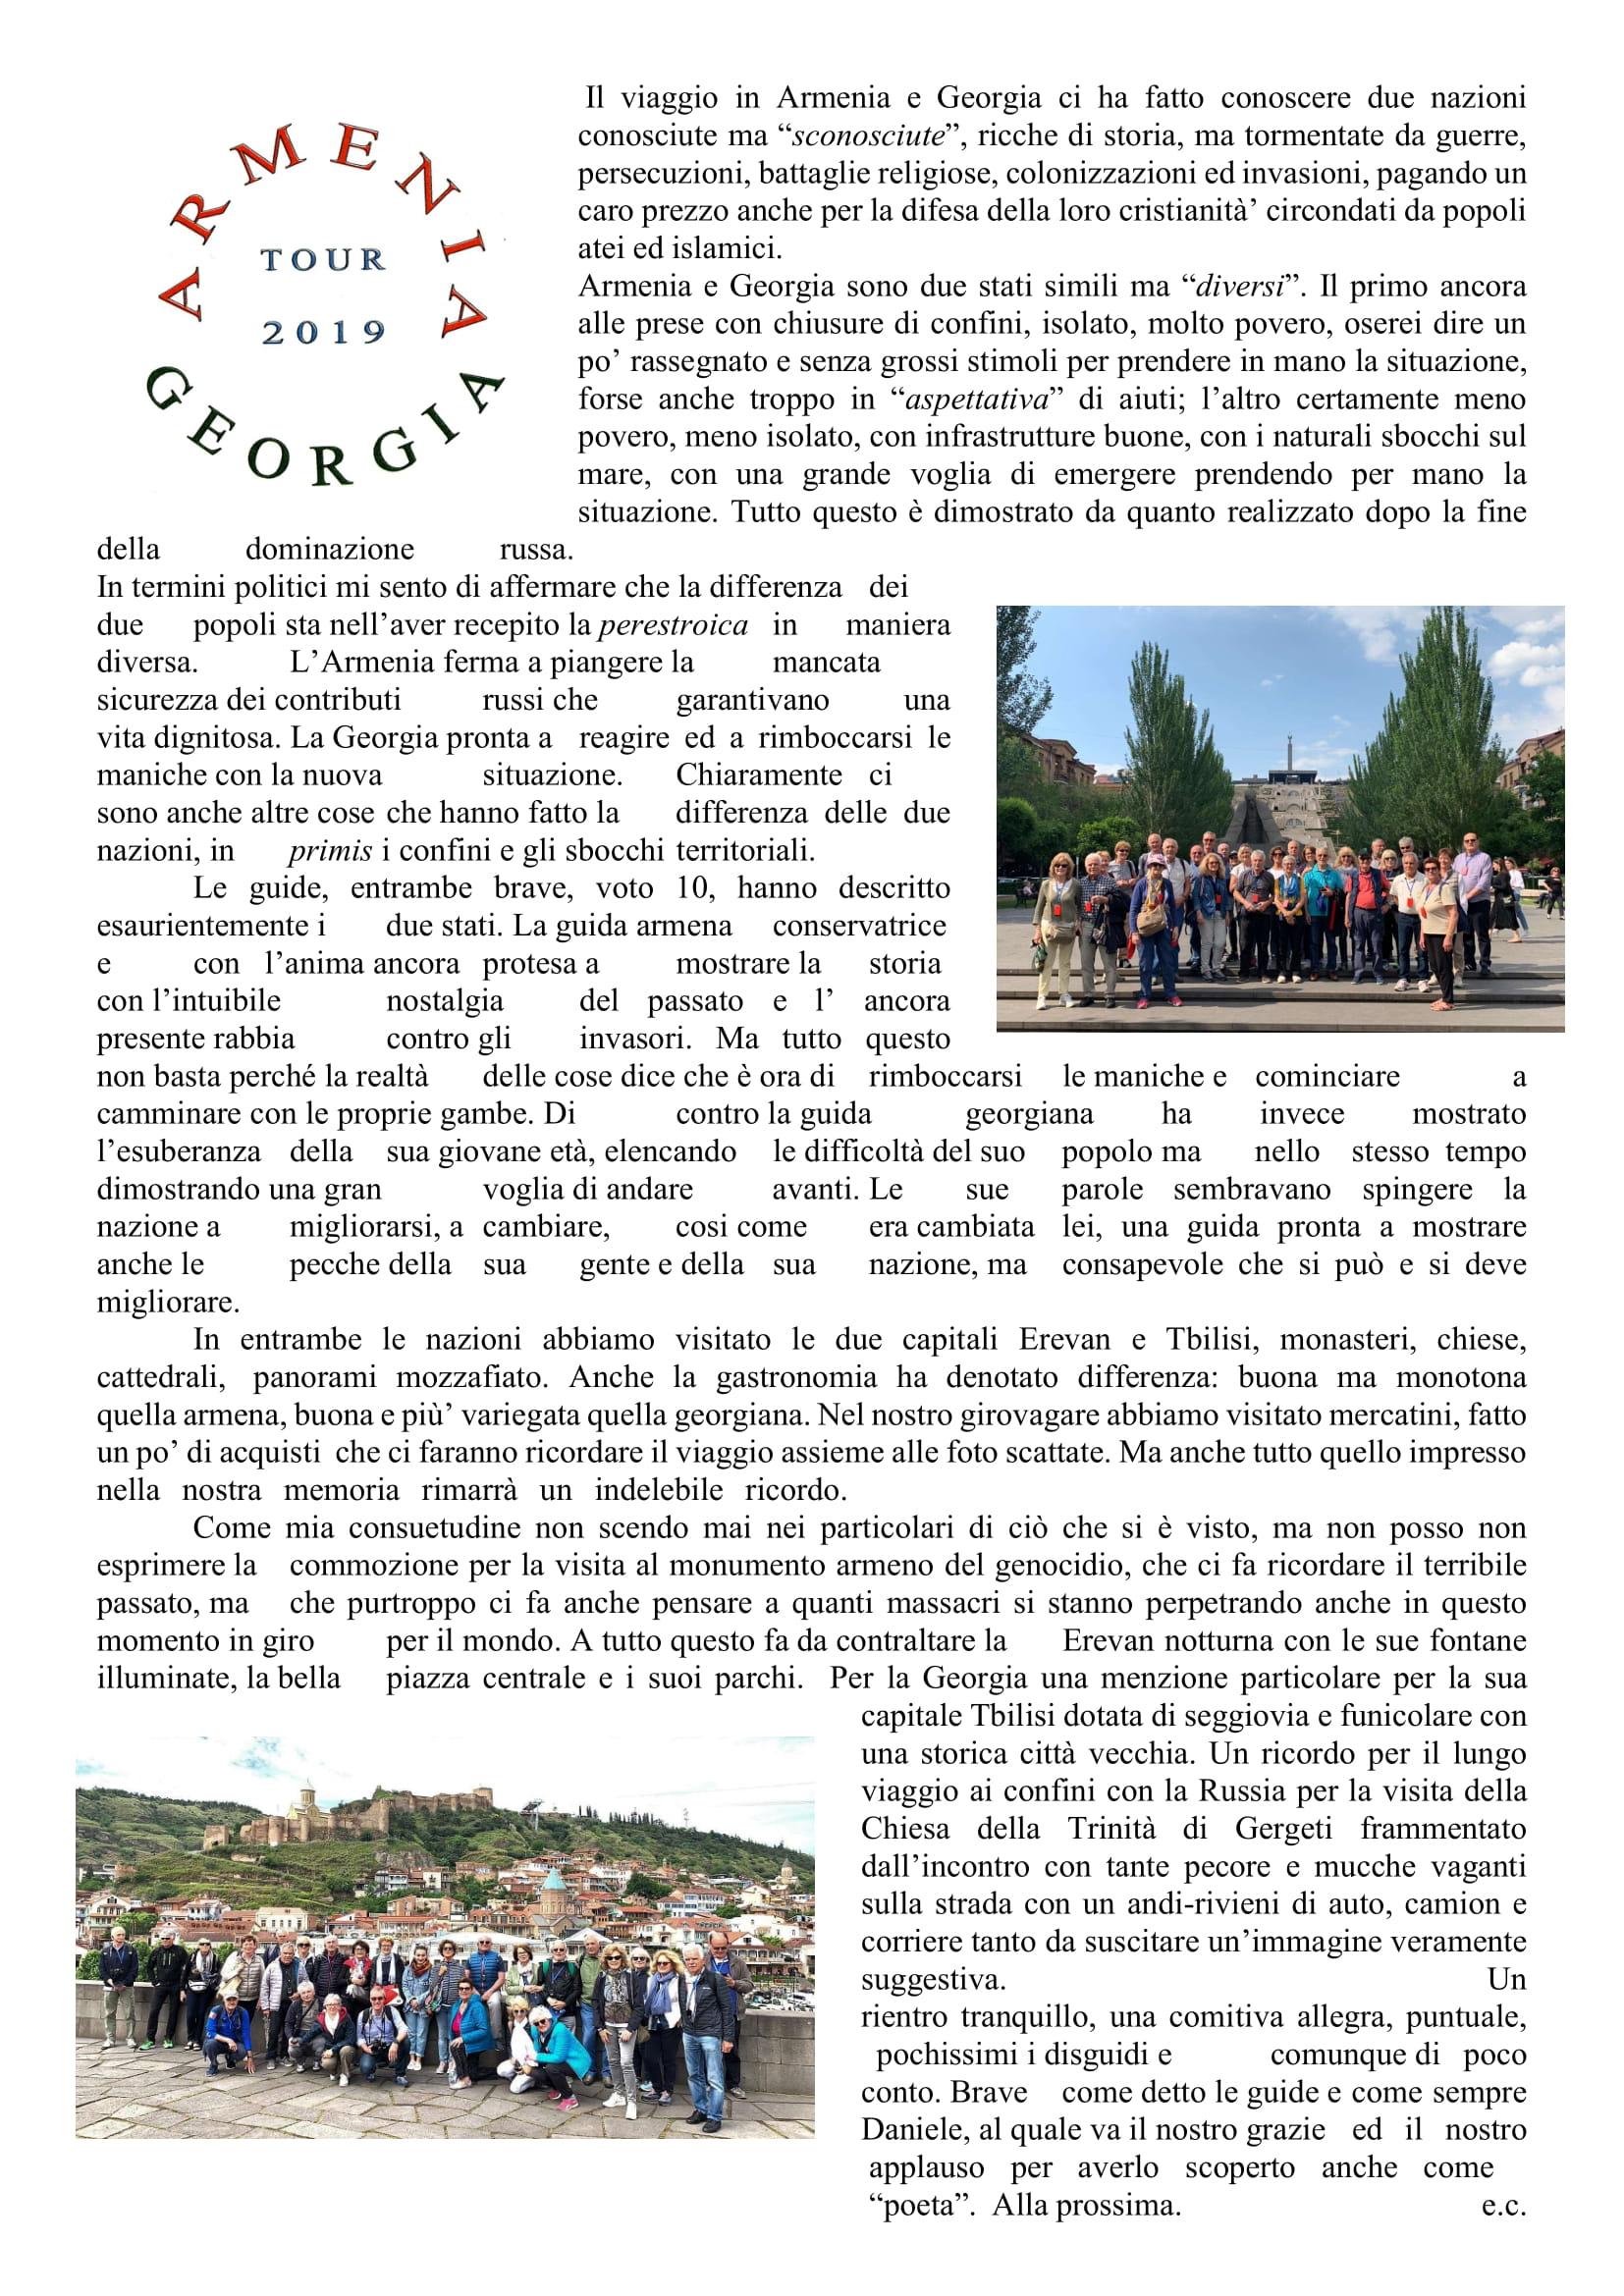 Giornalino n°44 – Giugno 2019